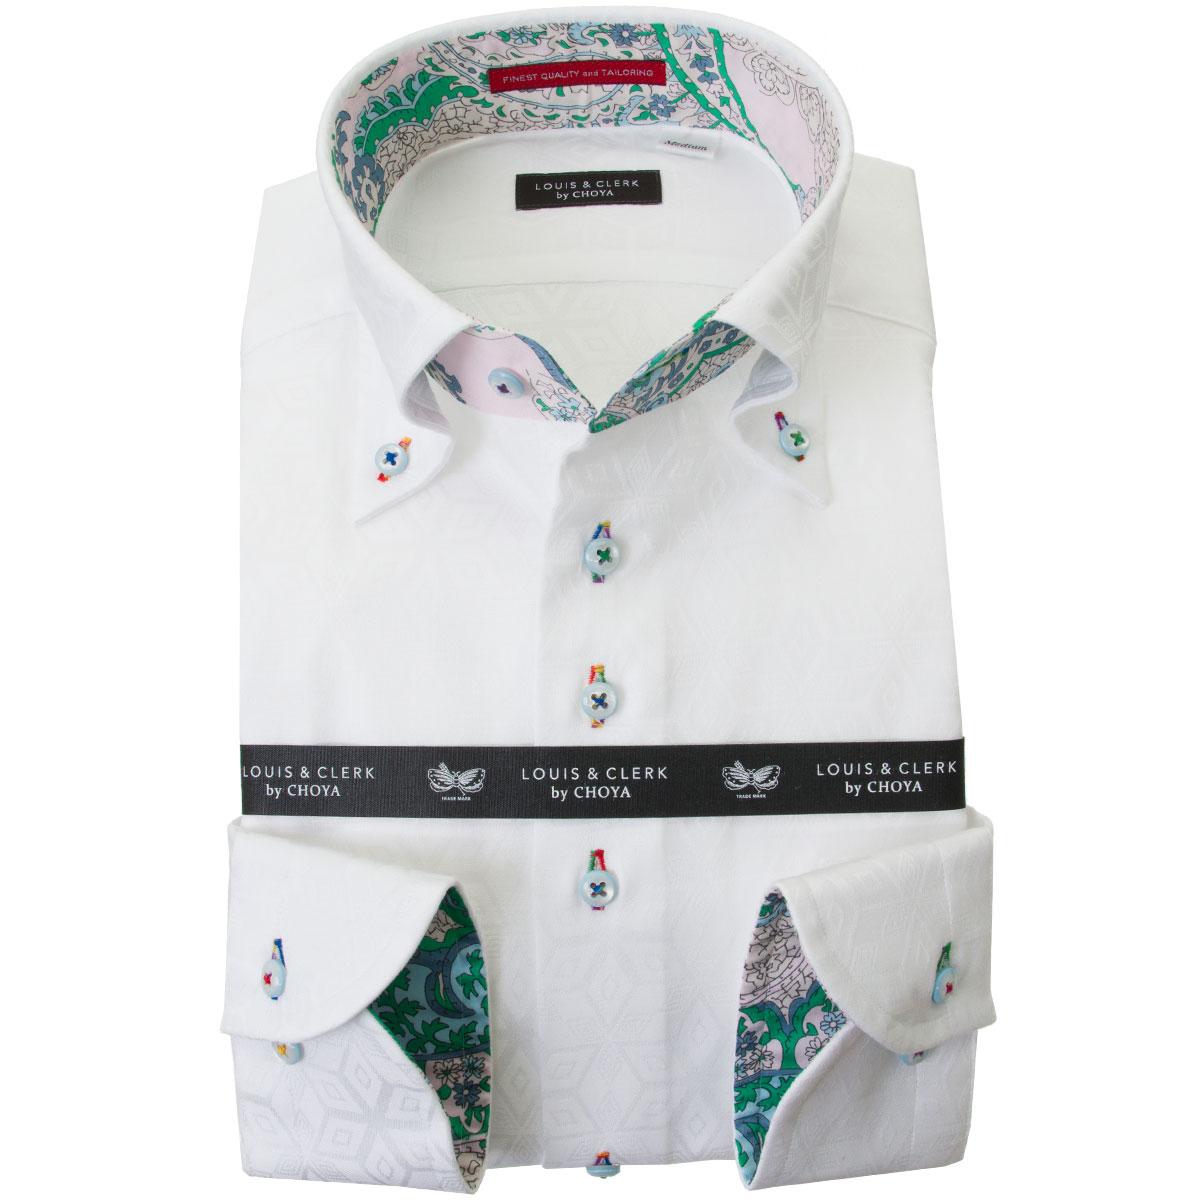 国産長袖綿100%ドレスシャツ コンフォート ボタンダウン ホワイト ジャガード織 キューブ 六芒星 幾何柄 2001メンズ